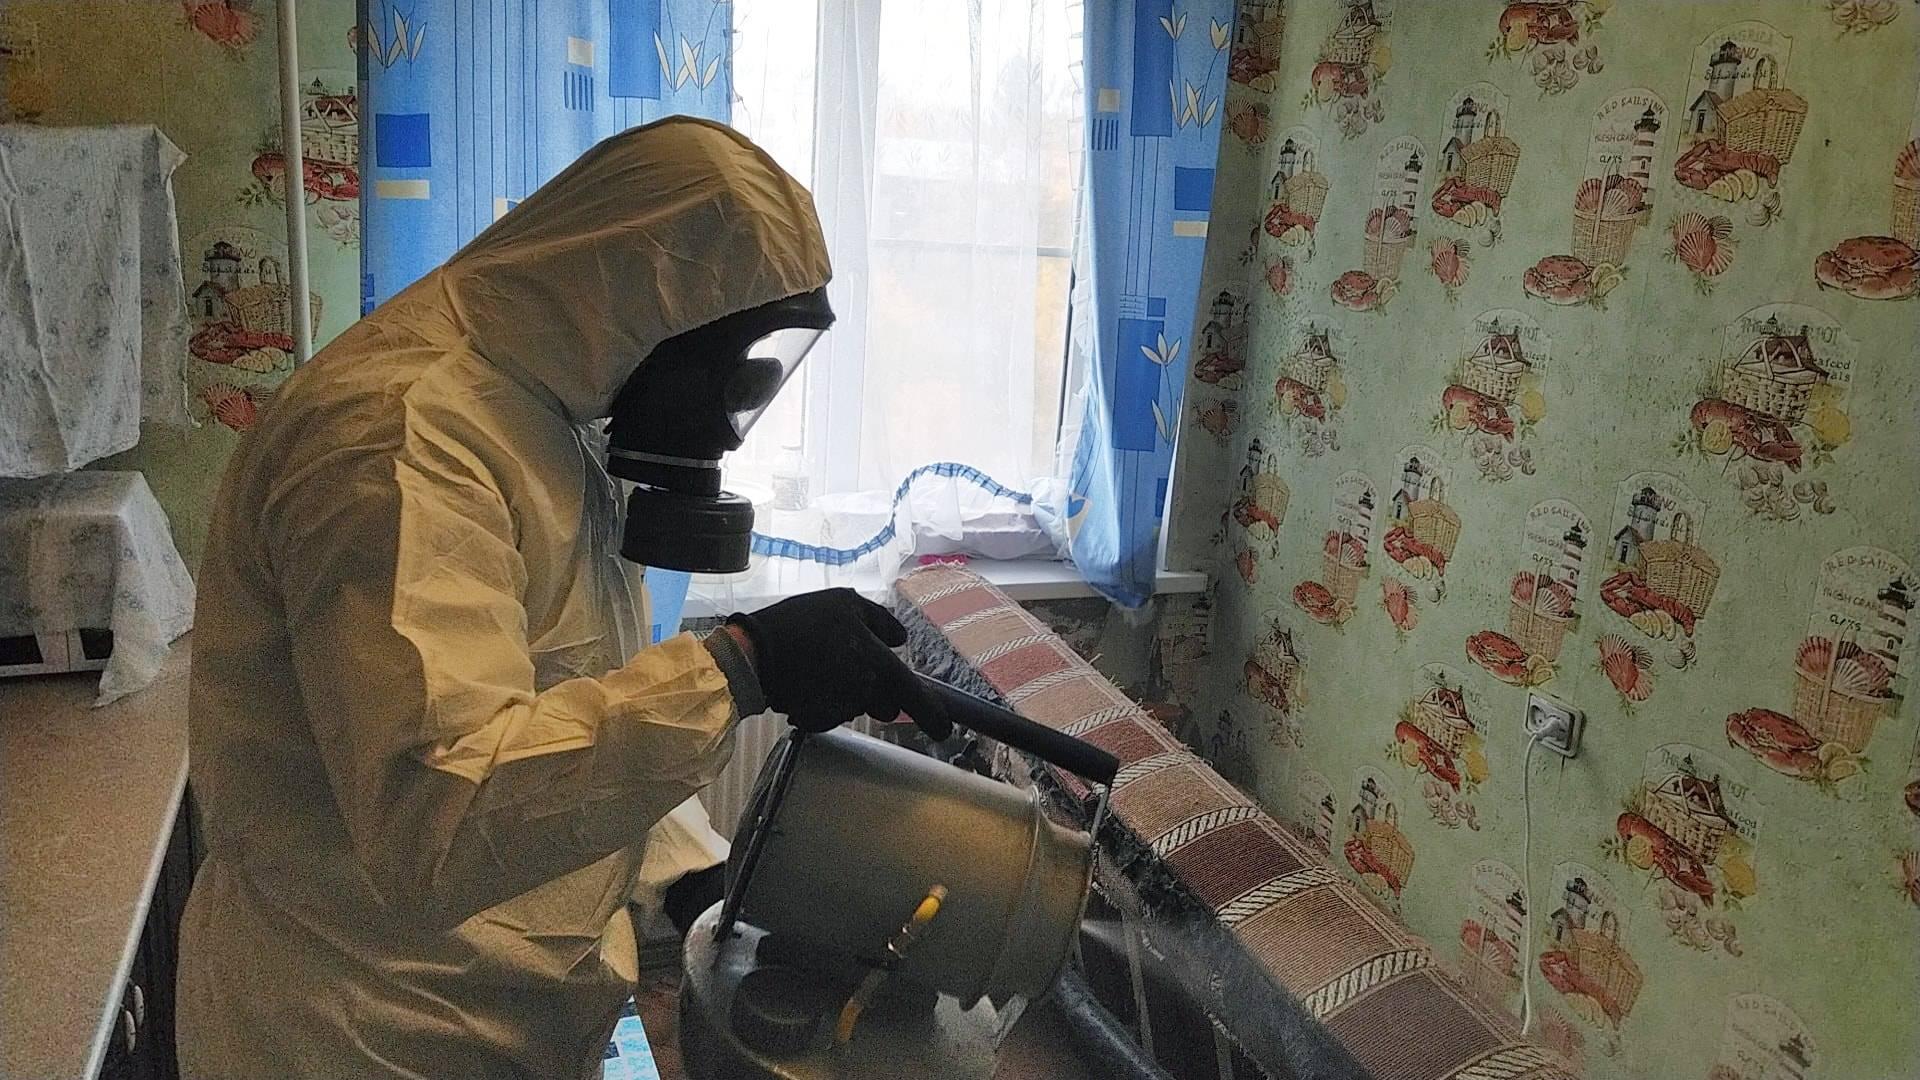 Как правильно сделать обработку и дезинфекцию для уничтожения тараканов в квартире